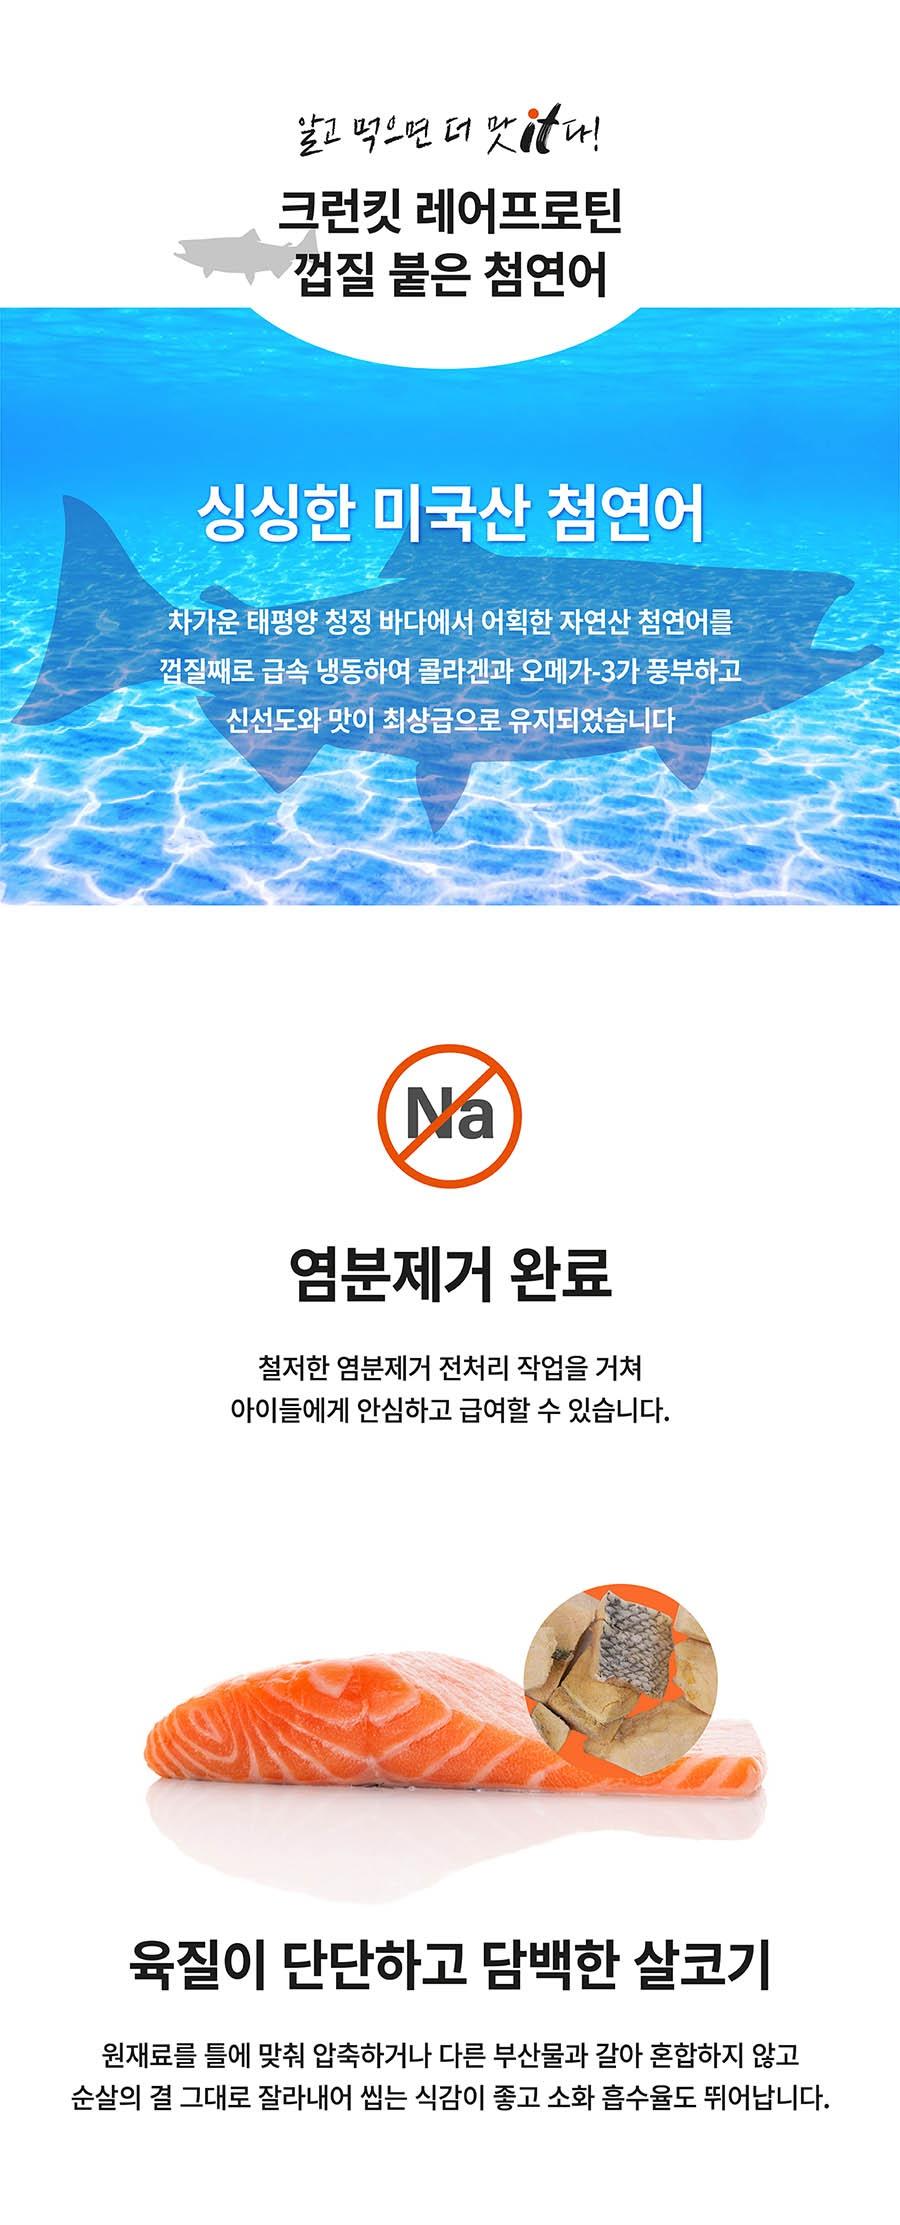 it 크런킷 레어프로틴 (열빙어/캥거루/상어순살/말고기/껍질연어)-상품이미지-23